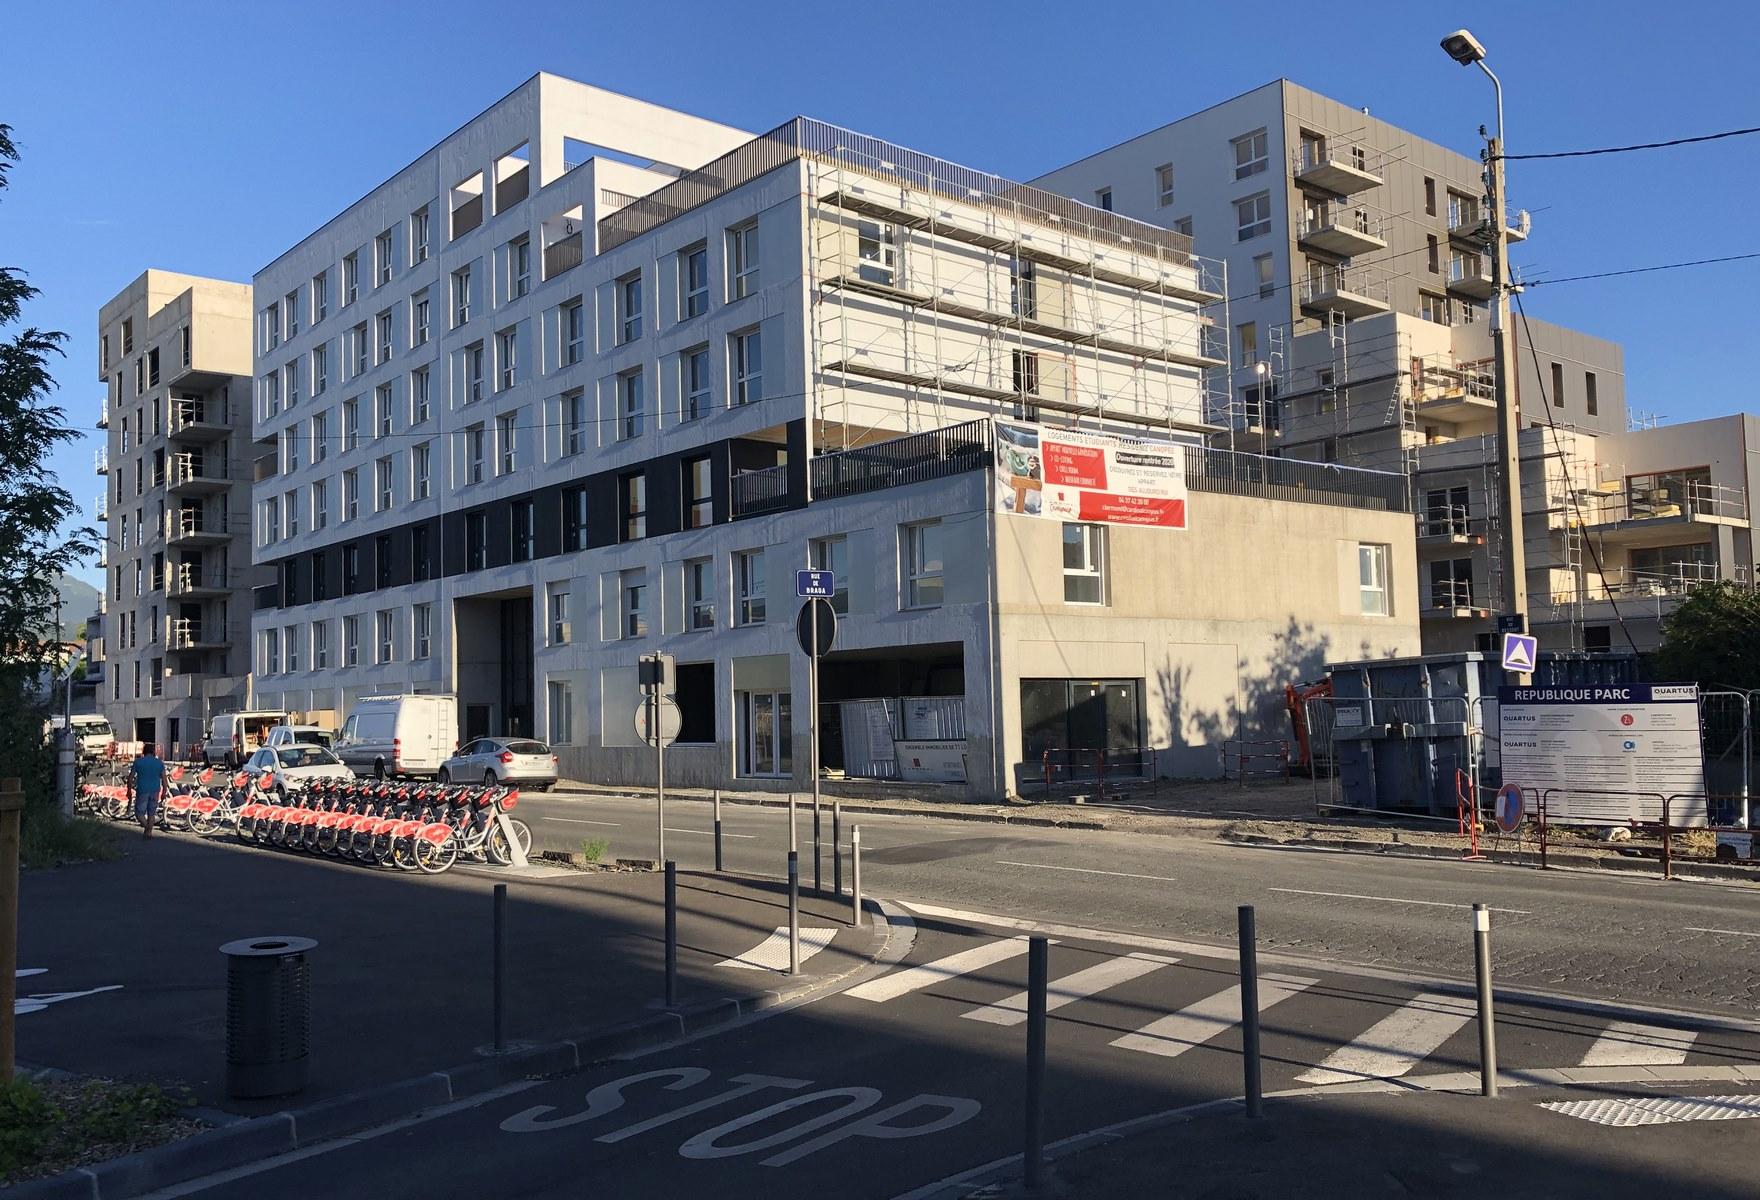 Logements collectifs et résidence étudiante - Franc-Rosier - Clermont-Ferrand - Z Architecture - chantier